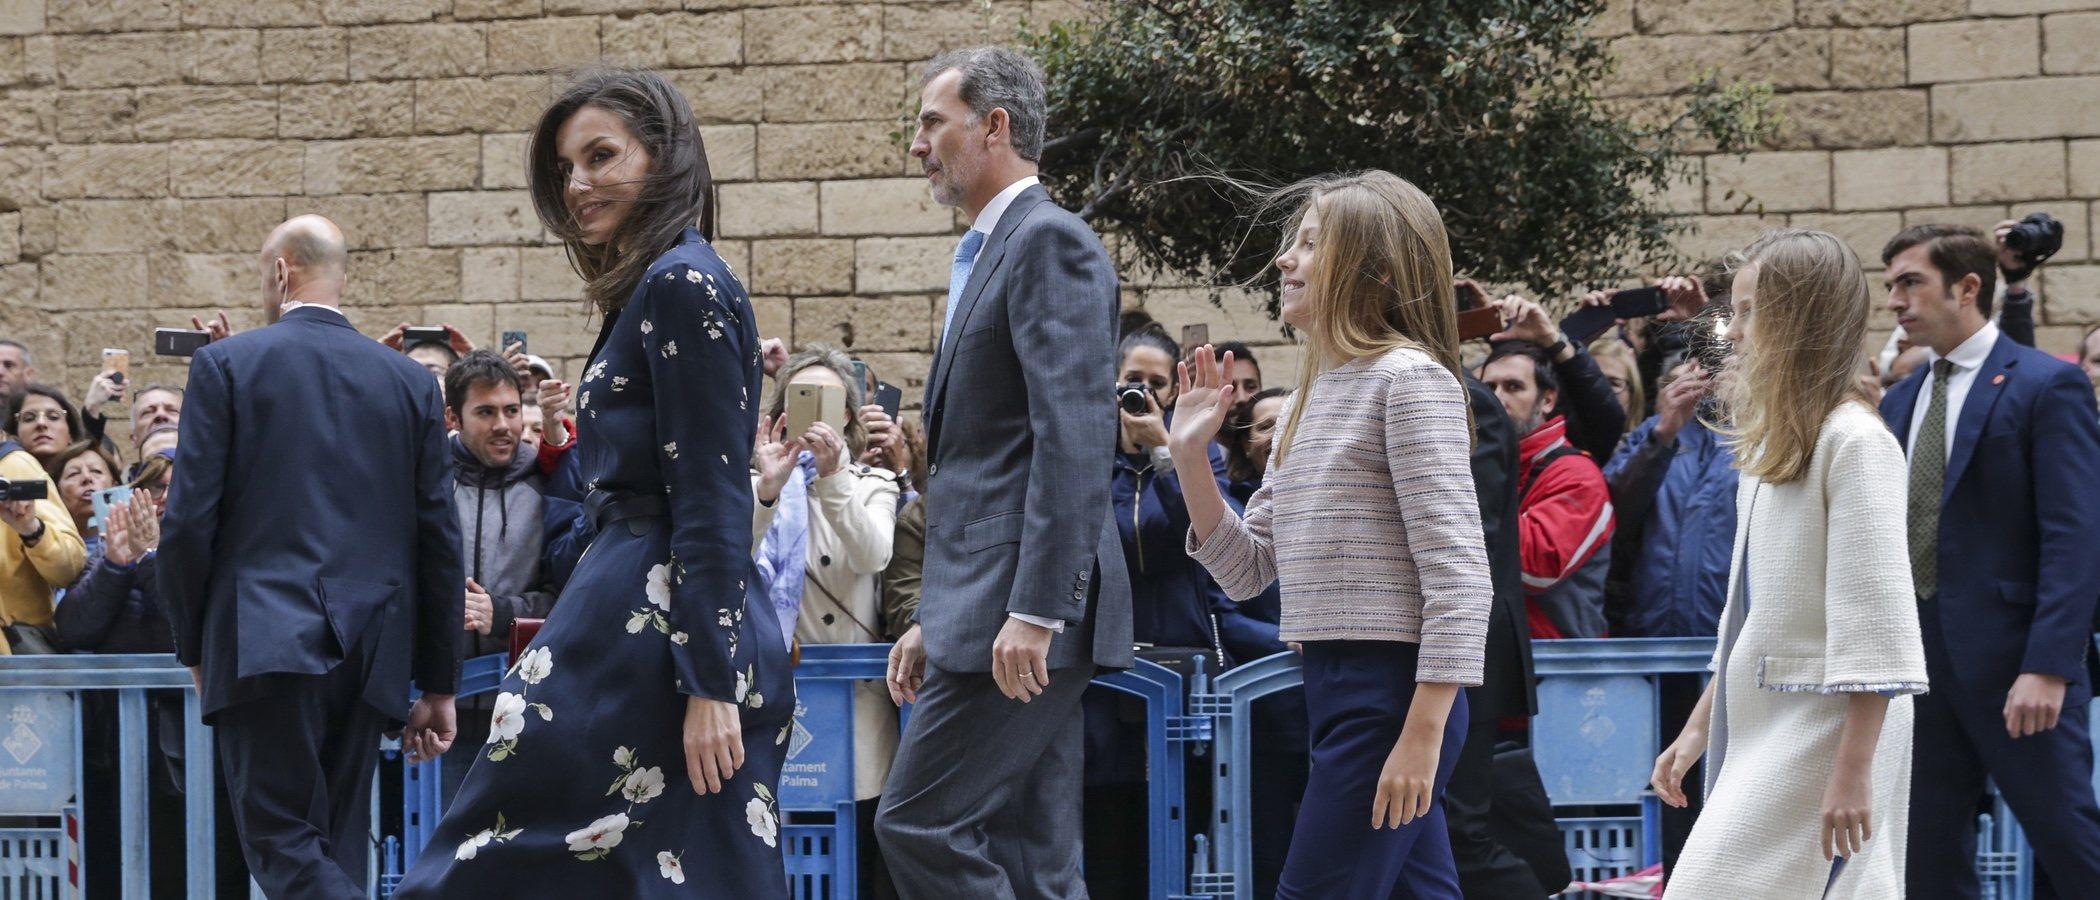 La Reina Letizia y sus hijas Leonor y Sofía derrochan estilo en la Misa de Pascua 2019